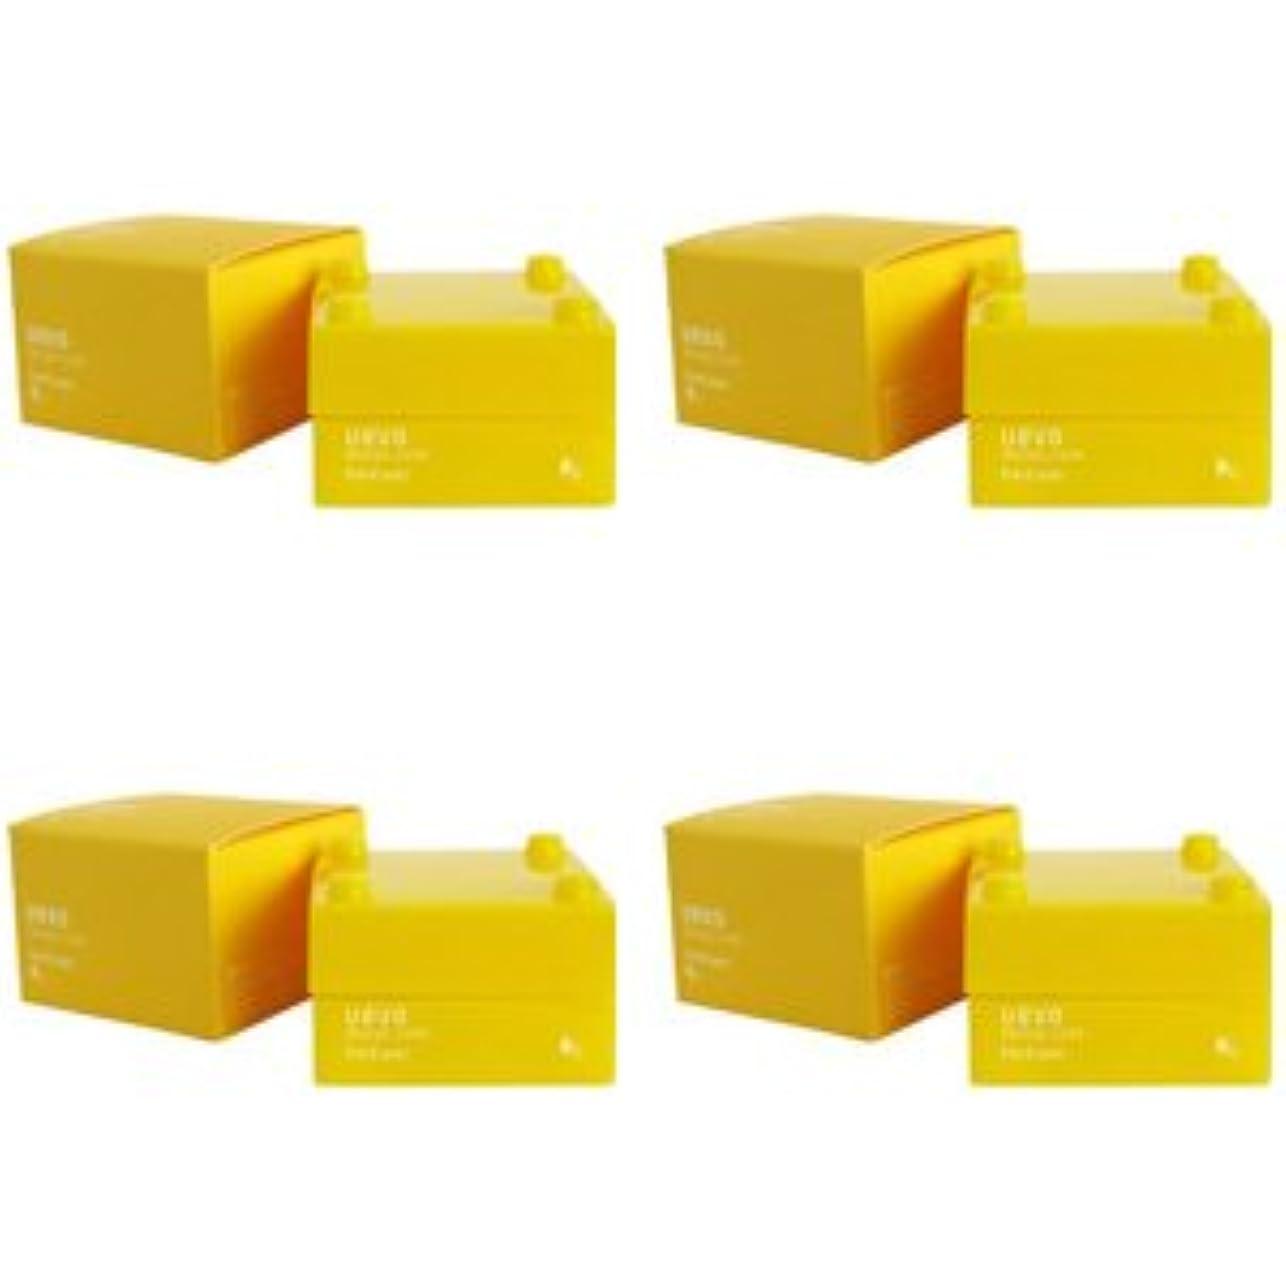 怠惰酸素疑わしい【X4個セット】 デミ ウェーボ デザインキューブ ハードワックス 30g hard wax DEMI uevo design cube